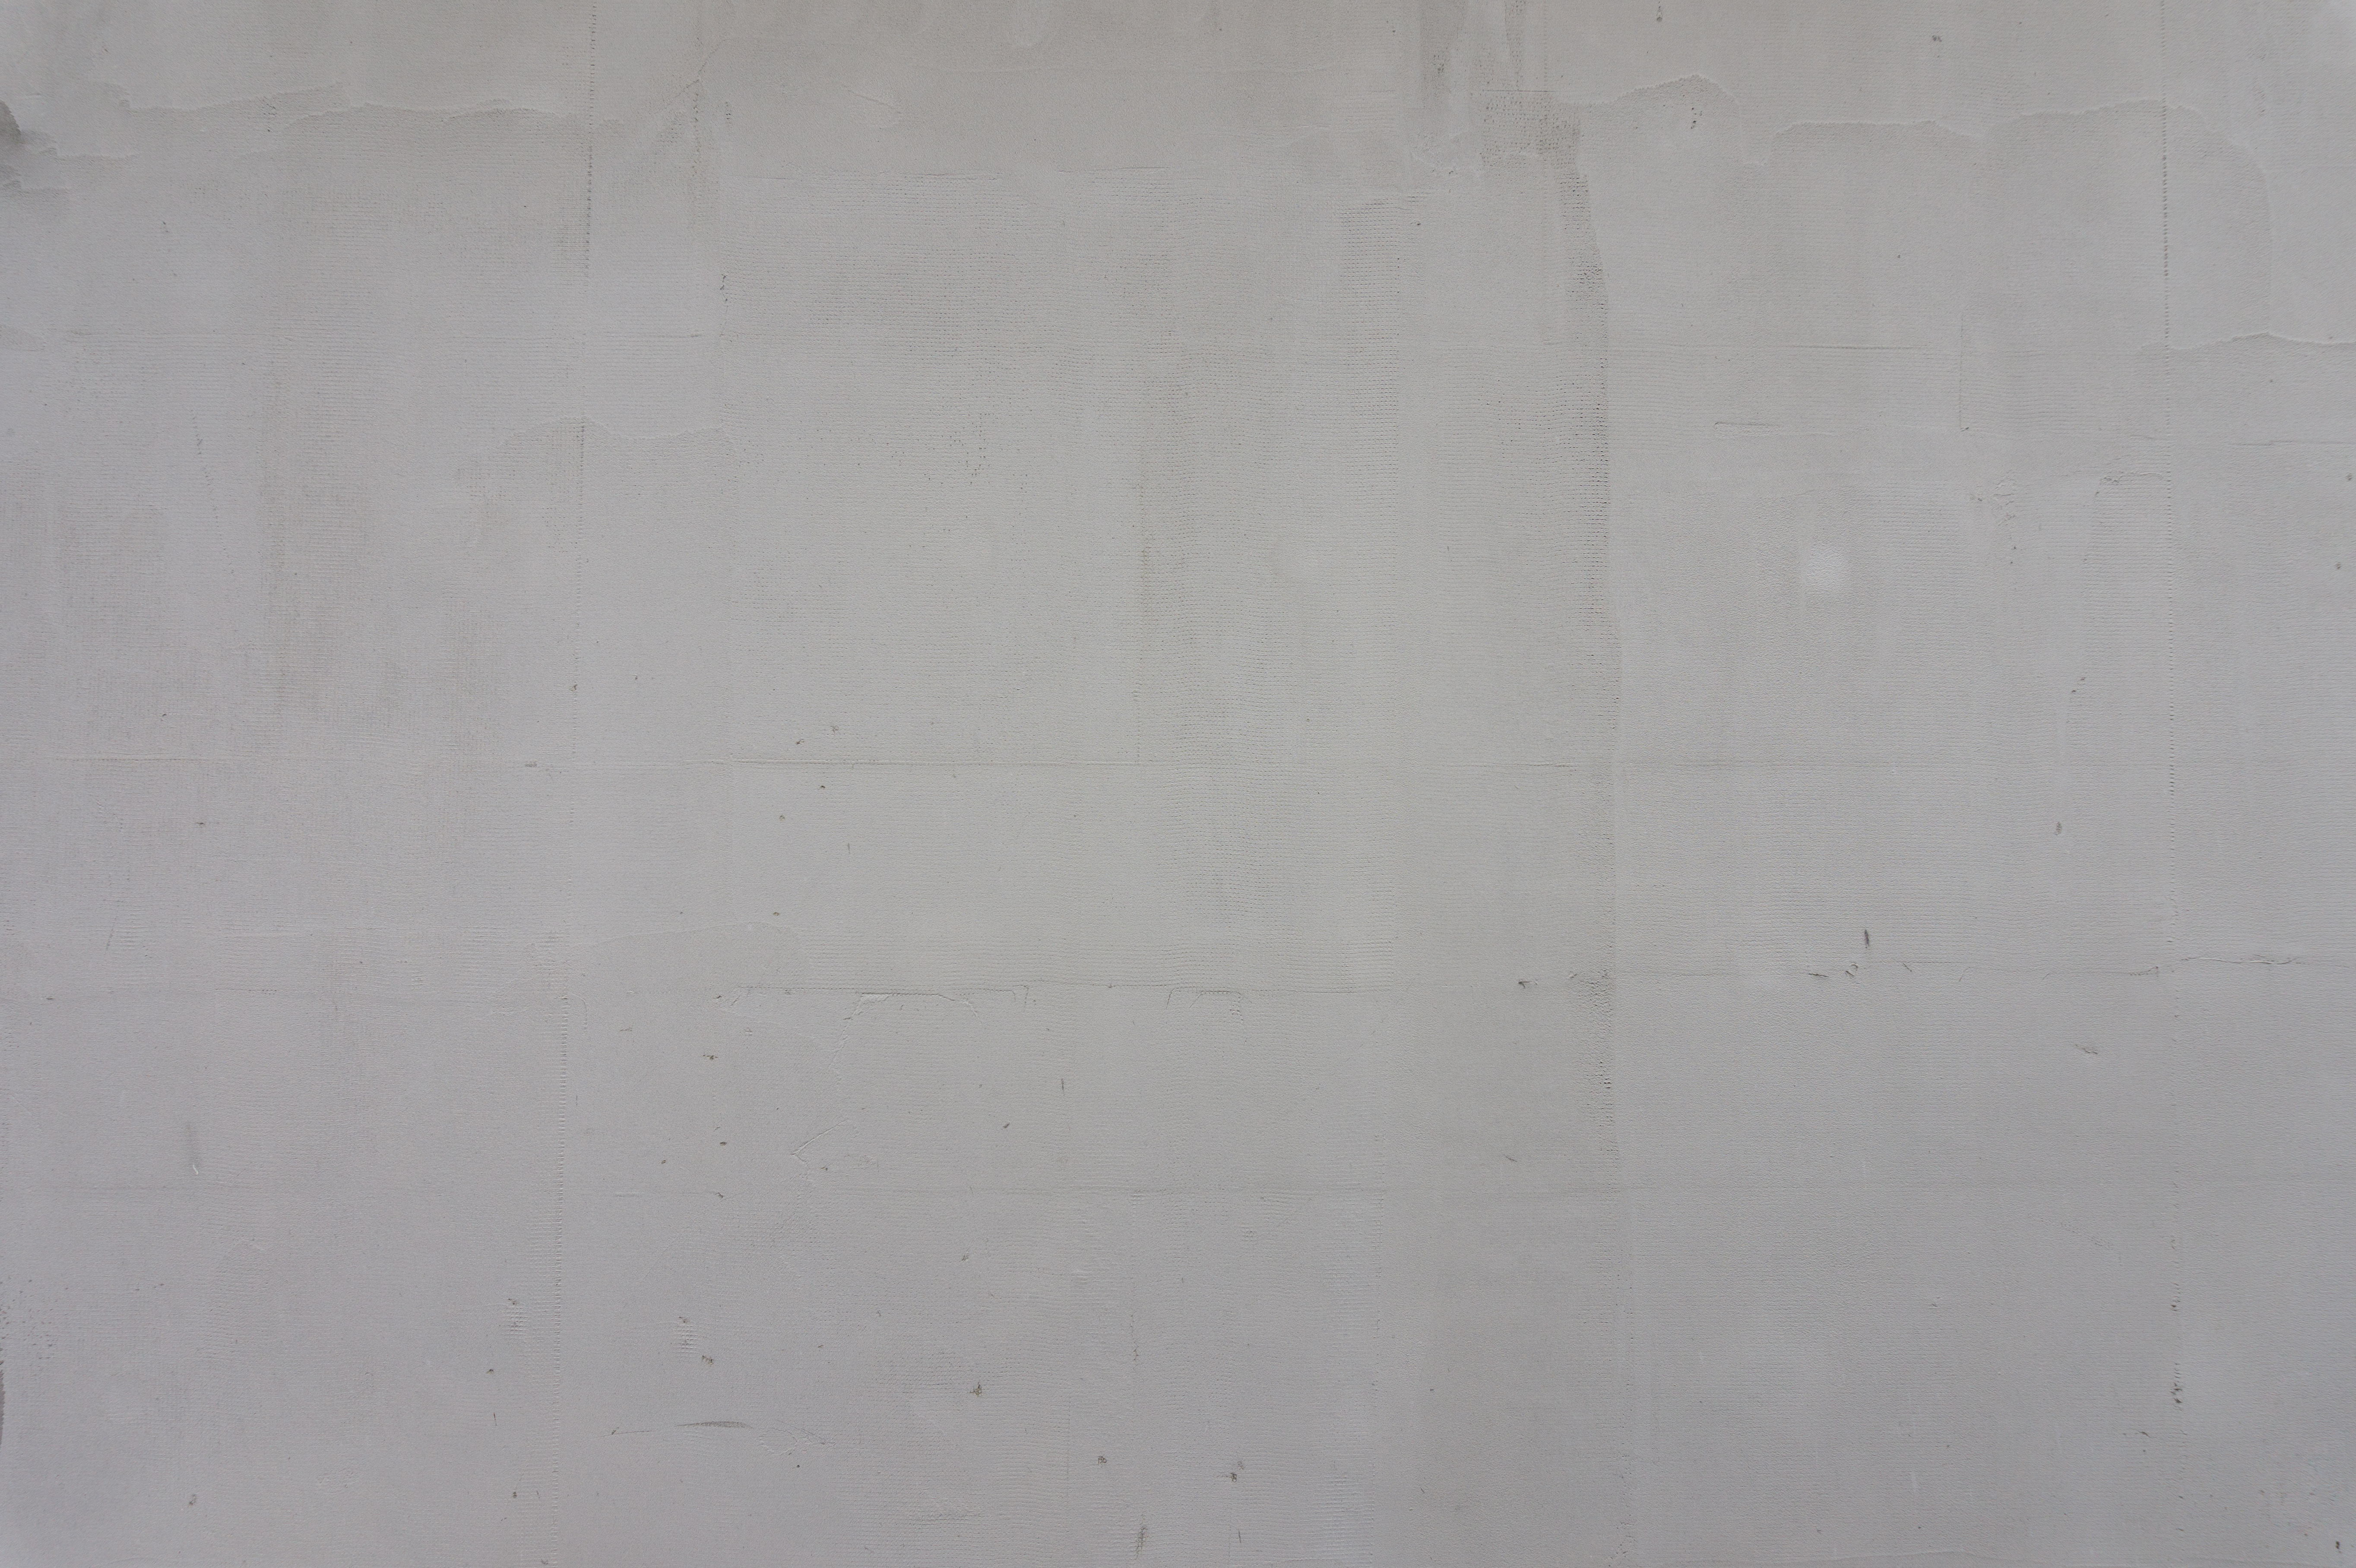 Plain Plaster 013 Concrete Texturify Free Textures